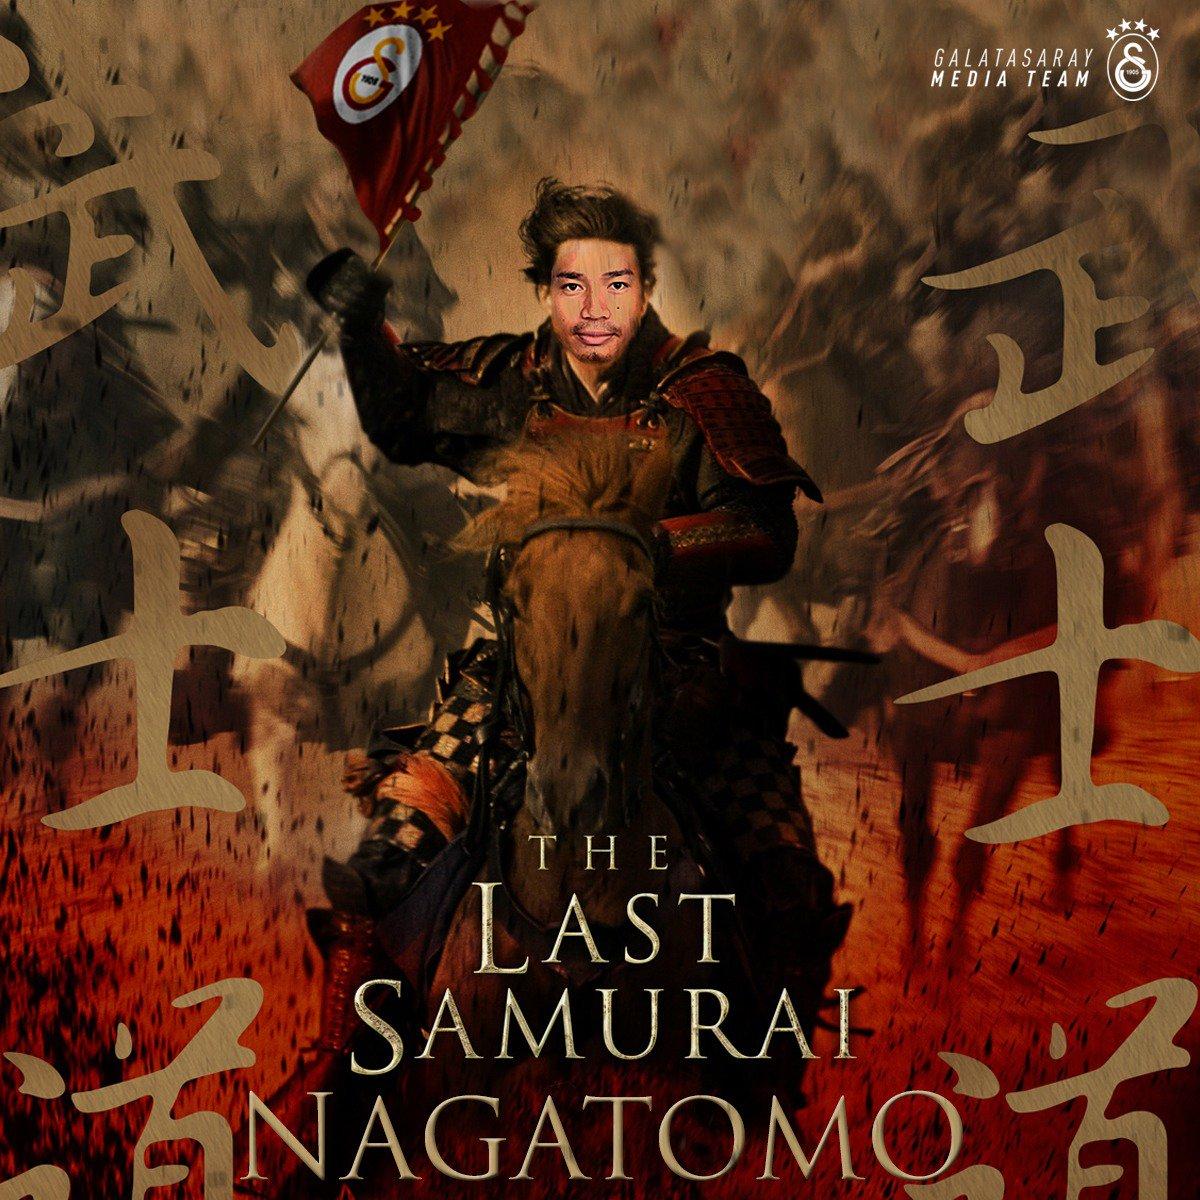 yuto nagatomo to galatasaray last samurai